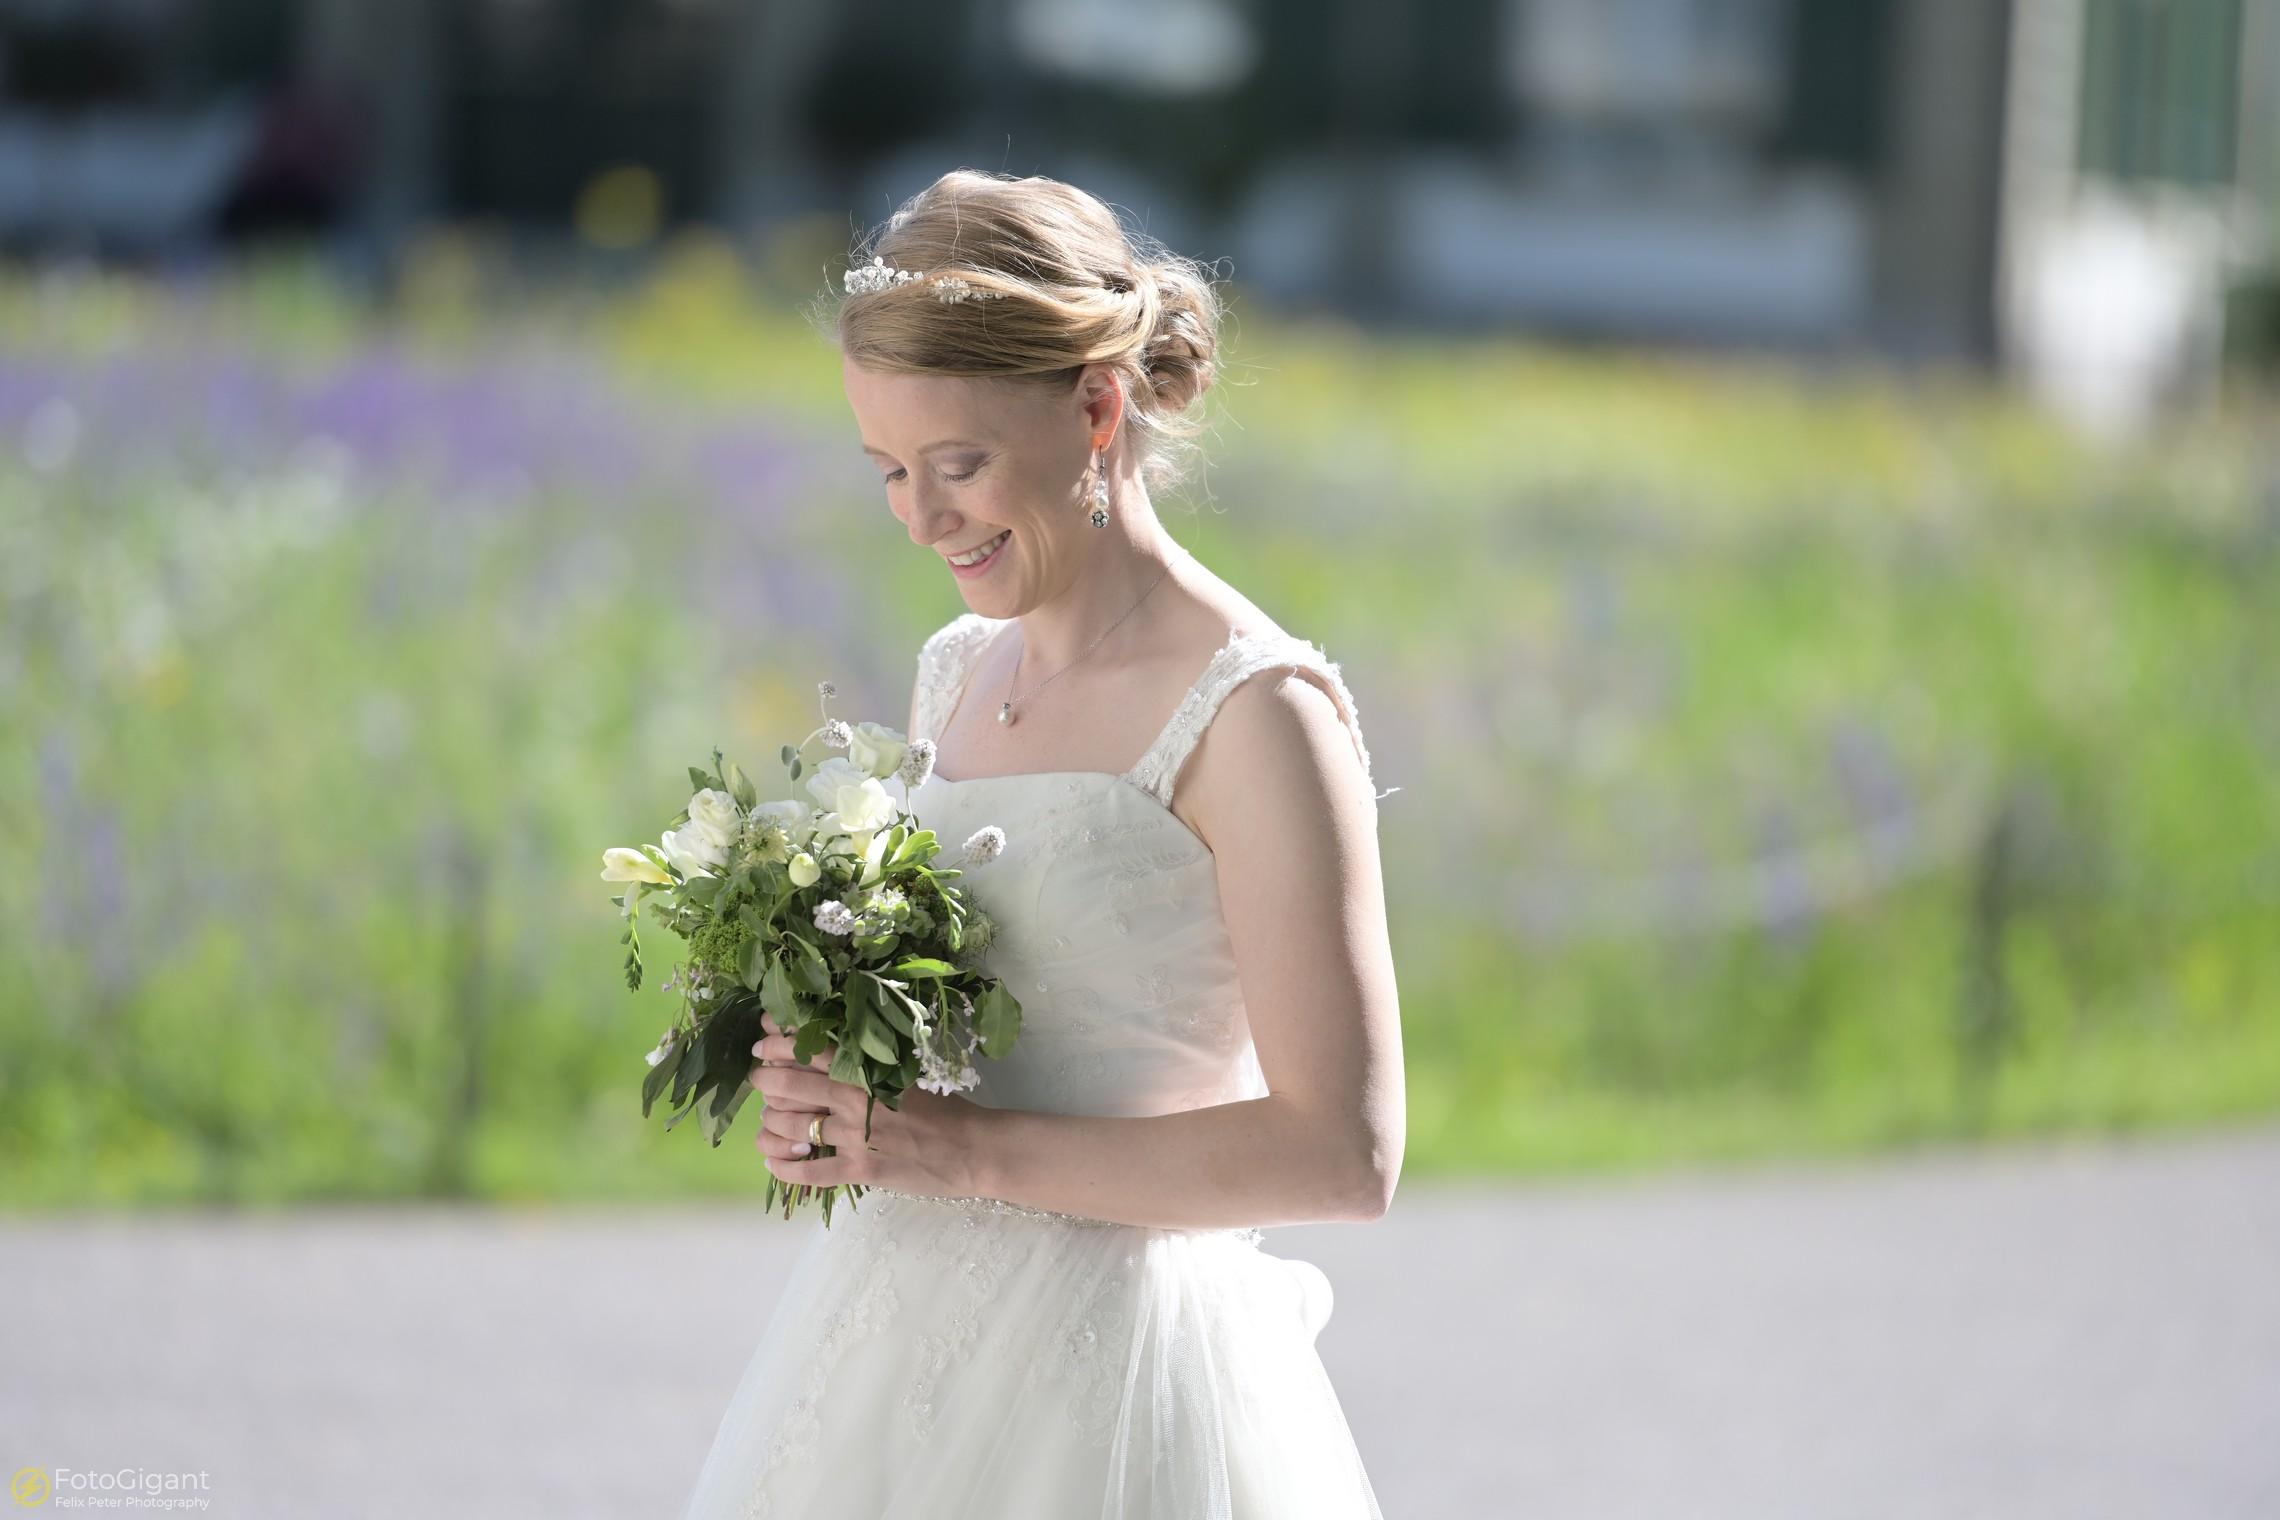 Hochzeitsfotografieworkshop_74.jpg